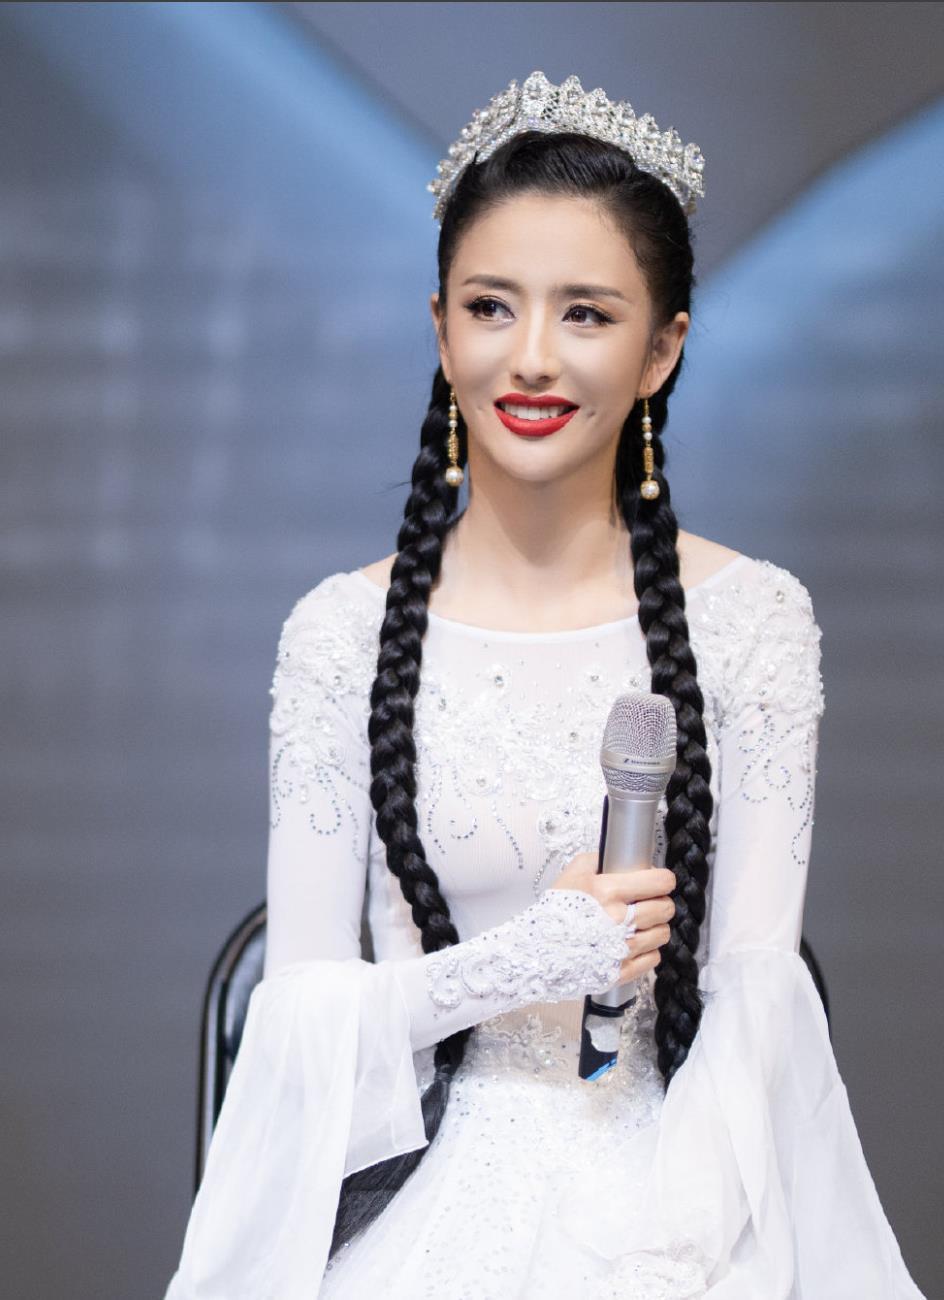 佟丽娅出席活动,身着一袭靓丽且富有民族风情的白色纱裙亮相